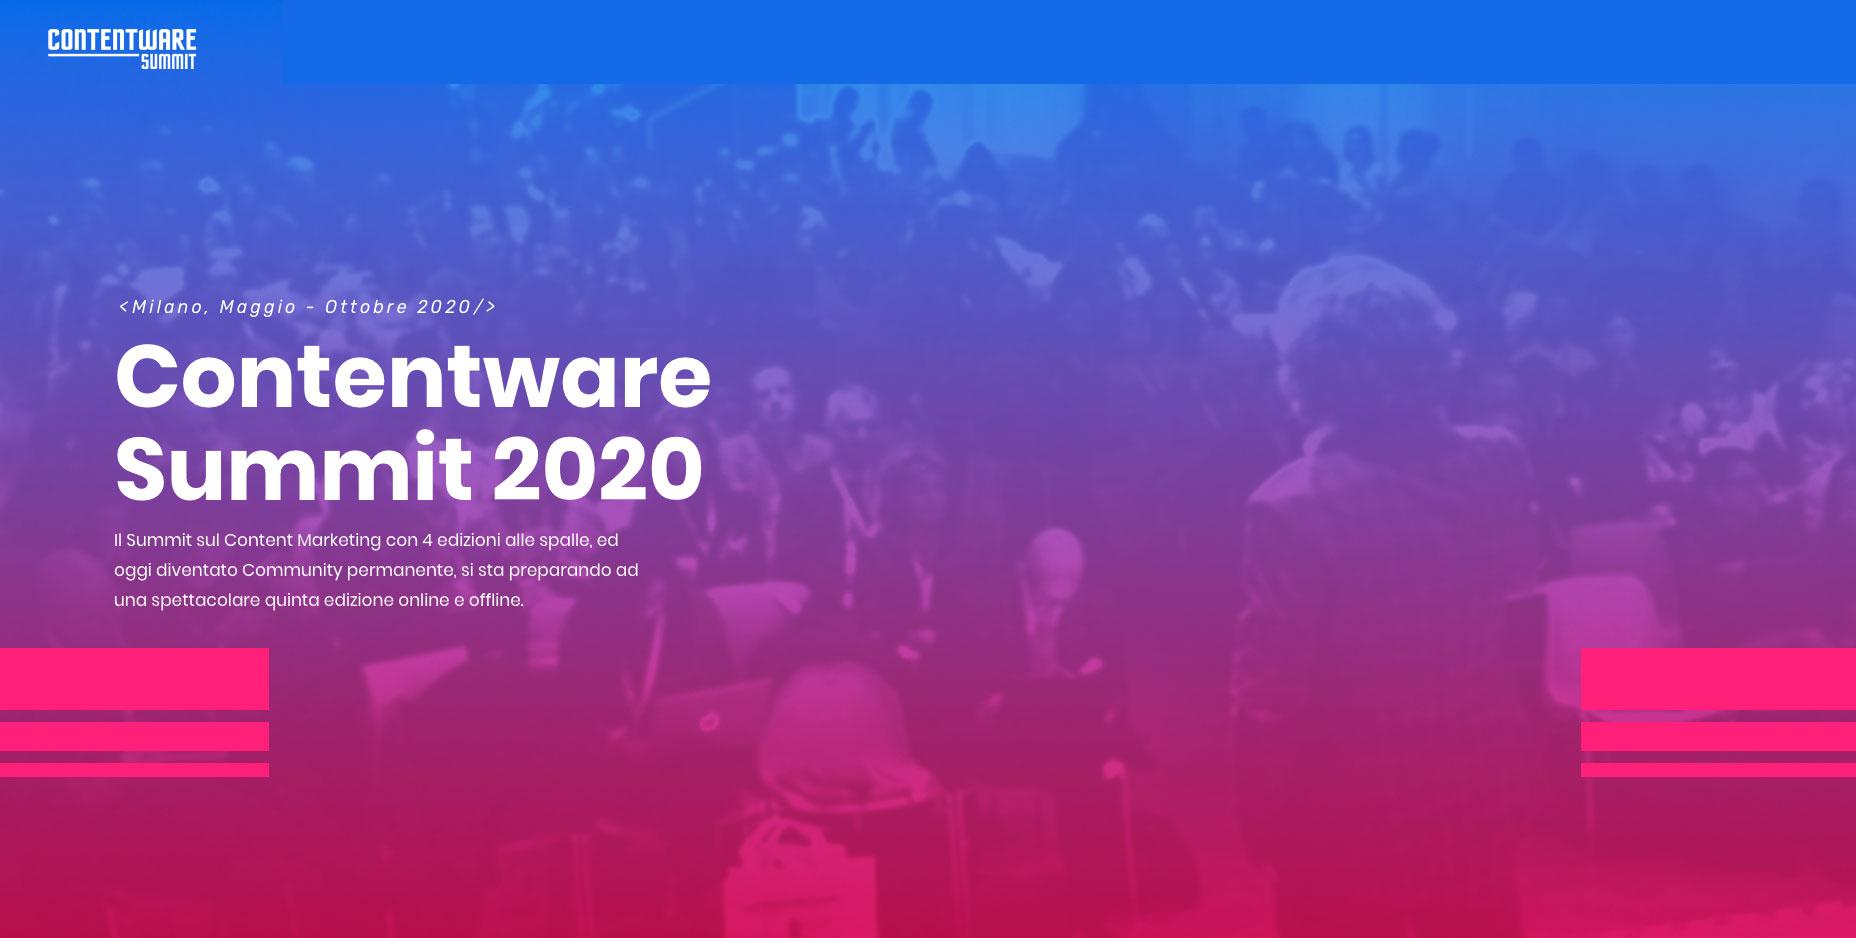 IUSVE e Contentware Summit: partecipa al webinar per scoprire l'evento e i progetti dedicati agli studenti